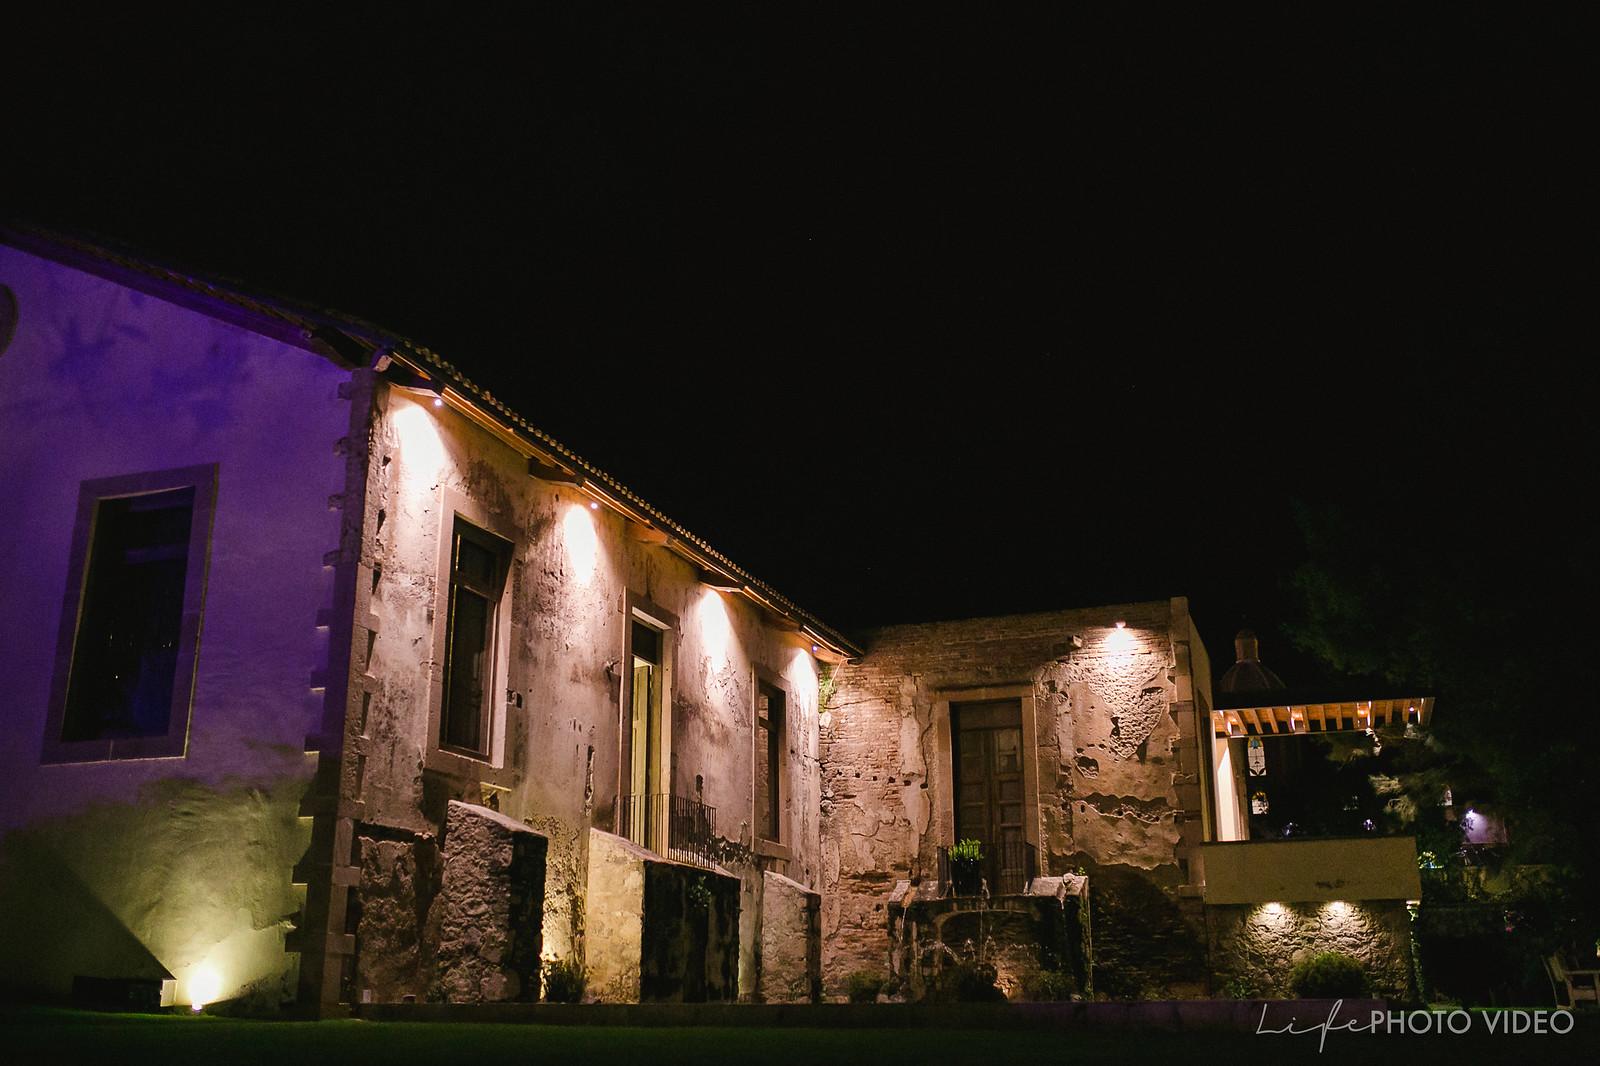 Boda_Leon_Guanajuato_Wedding_0079